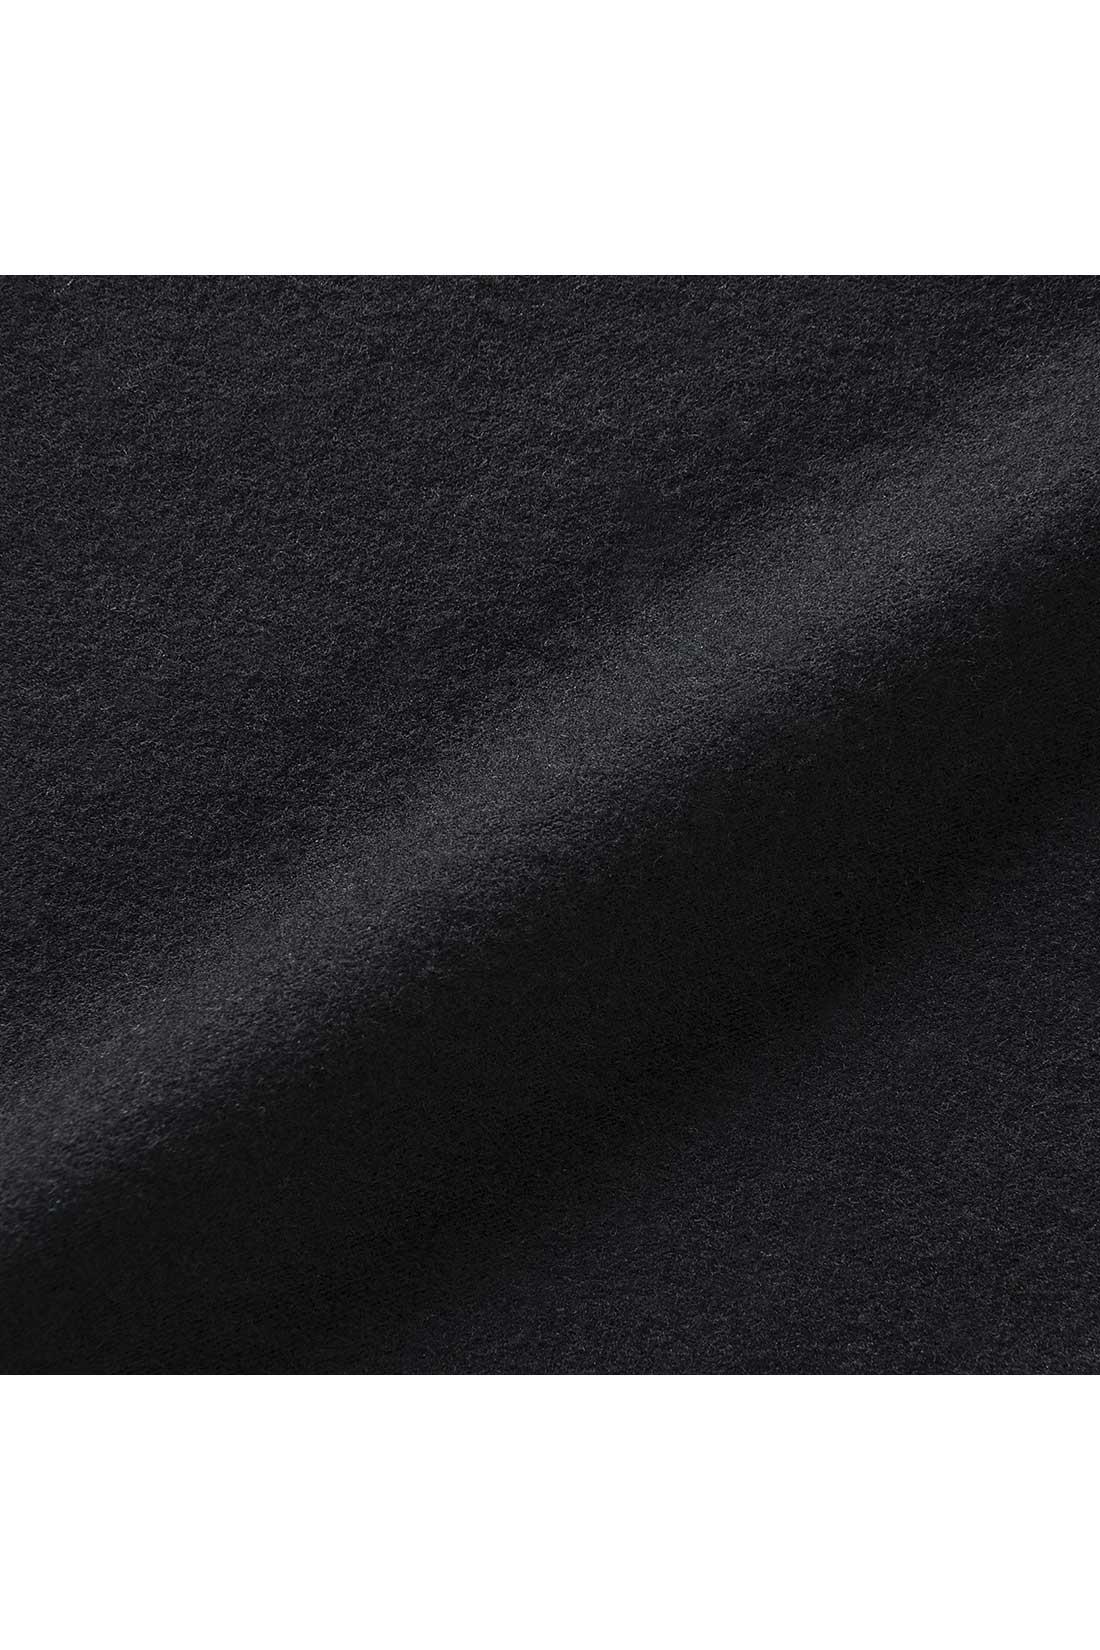 きめ細かく滑らかな綿混素材の裏起毛の肌ざわりのよさにうっとり。ほどよい厚みで、アウターにもひびきません。